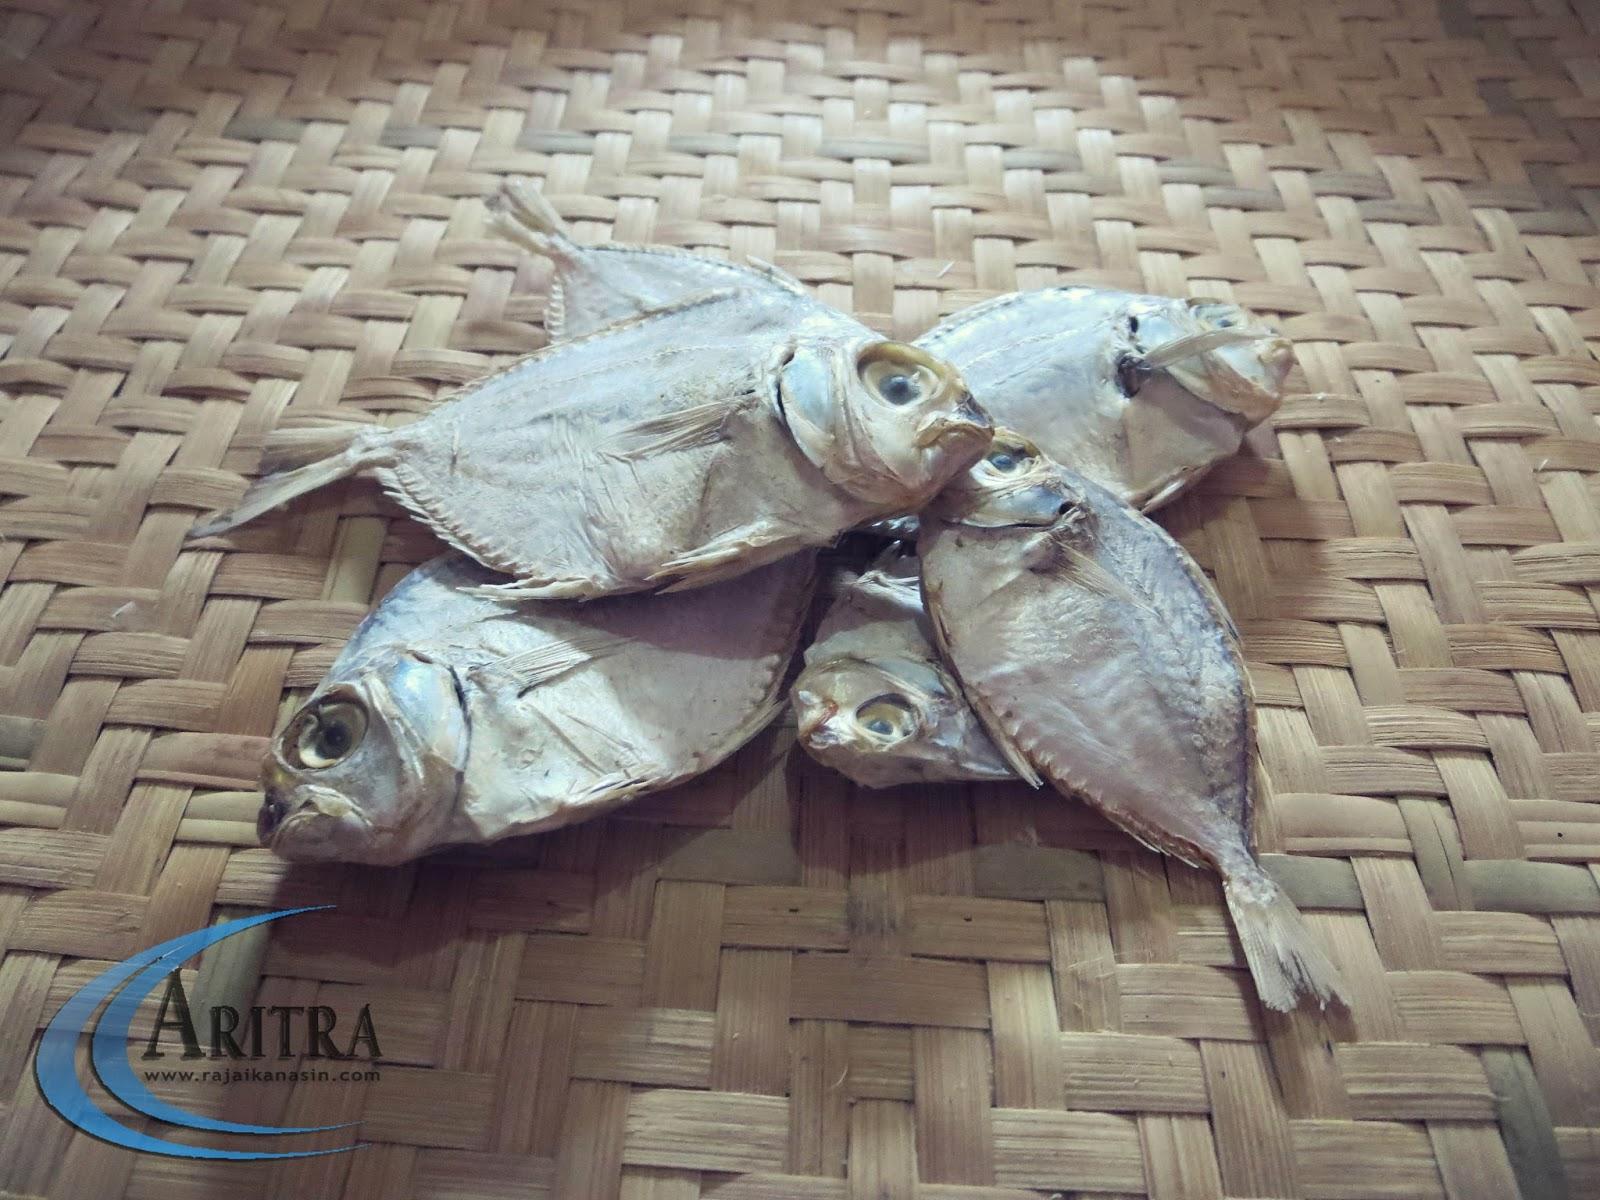 Produksi Kelautan Sibolga Penuhi Kebutuhan Aceh